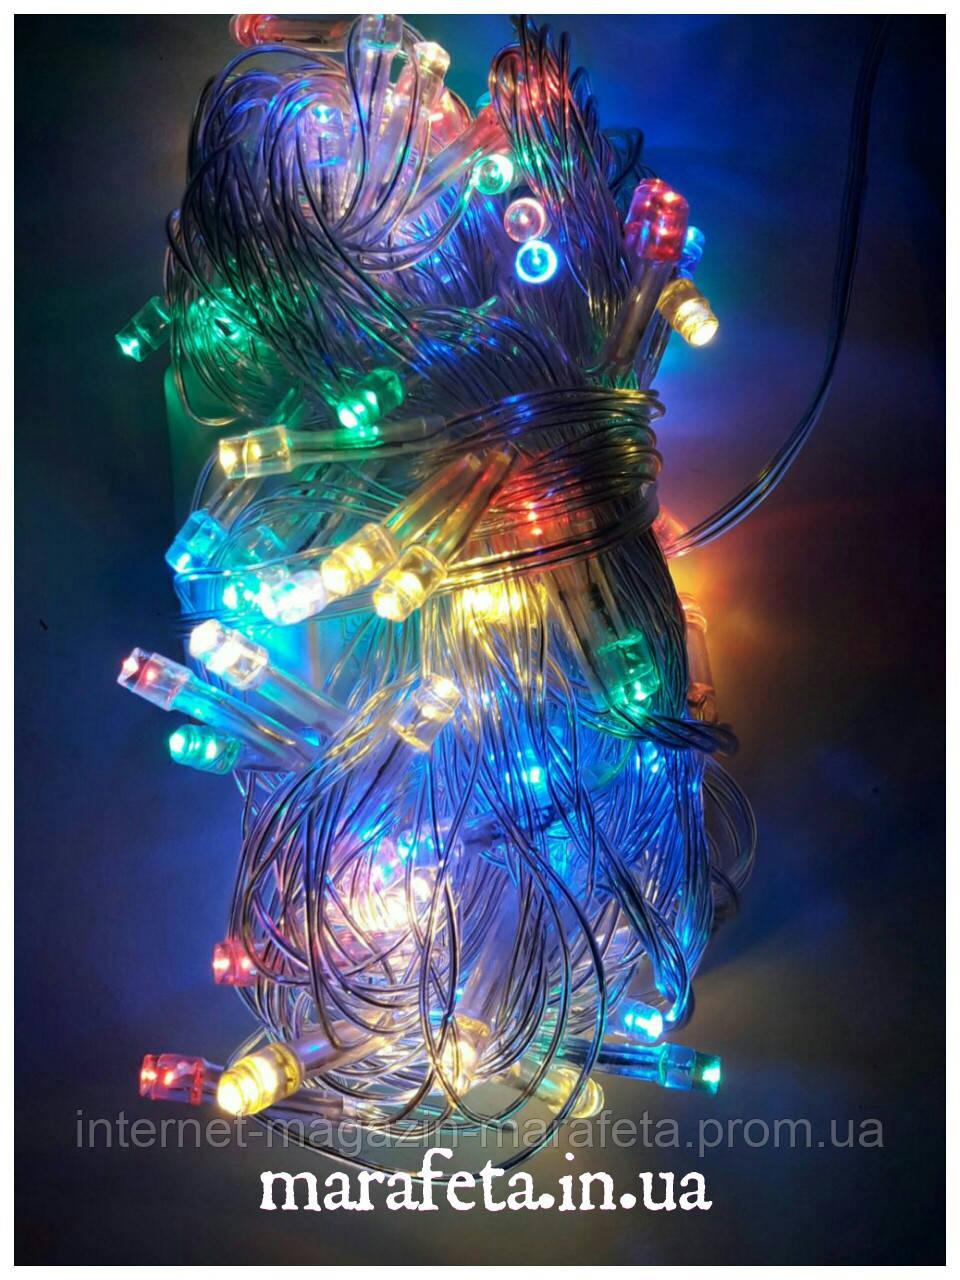 Новогодняя Светодиодная Гирлянда Нить на Елку Внутренняя 200 LED Мульти пр / п